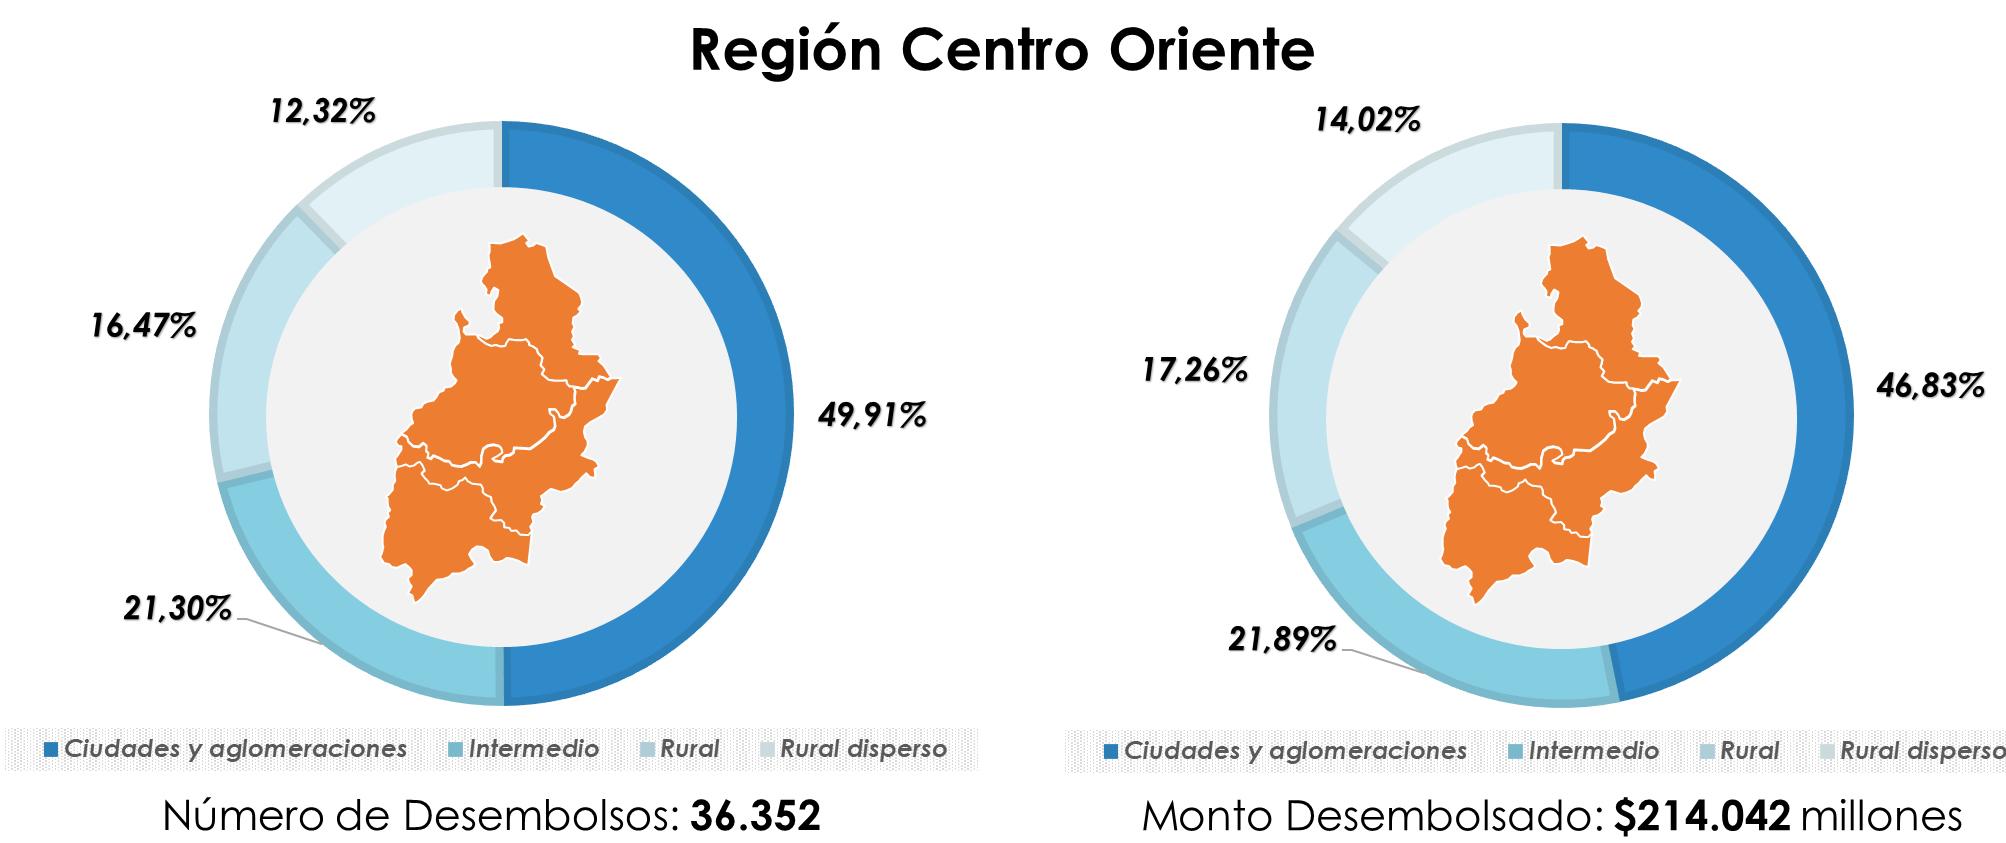 Región Centro Oriente